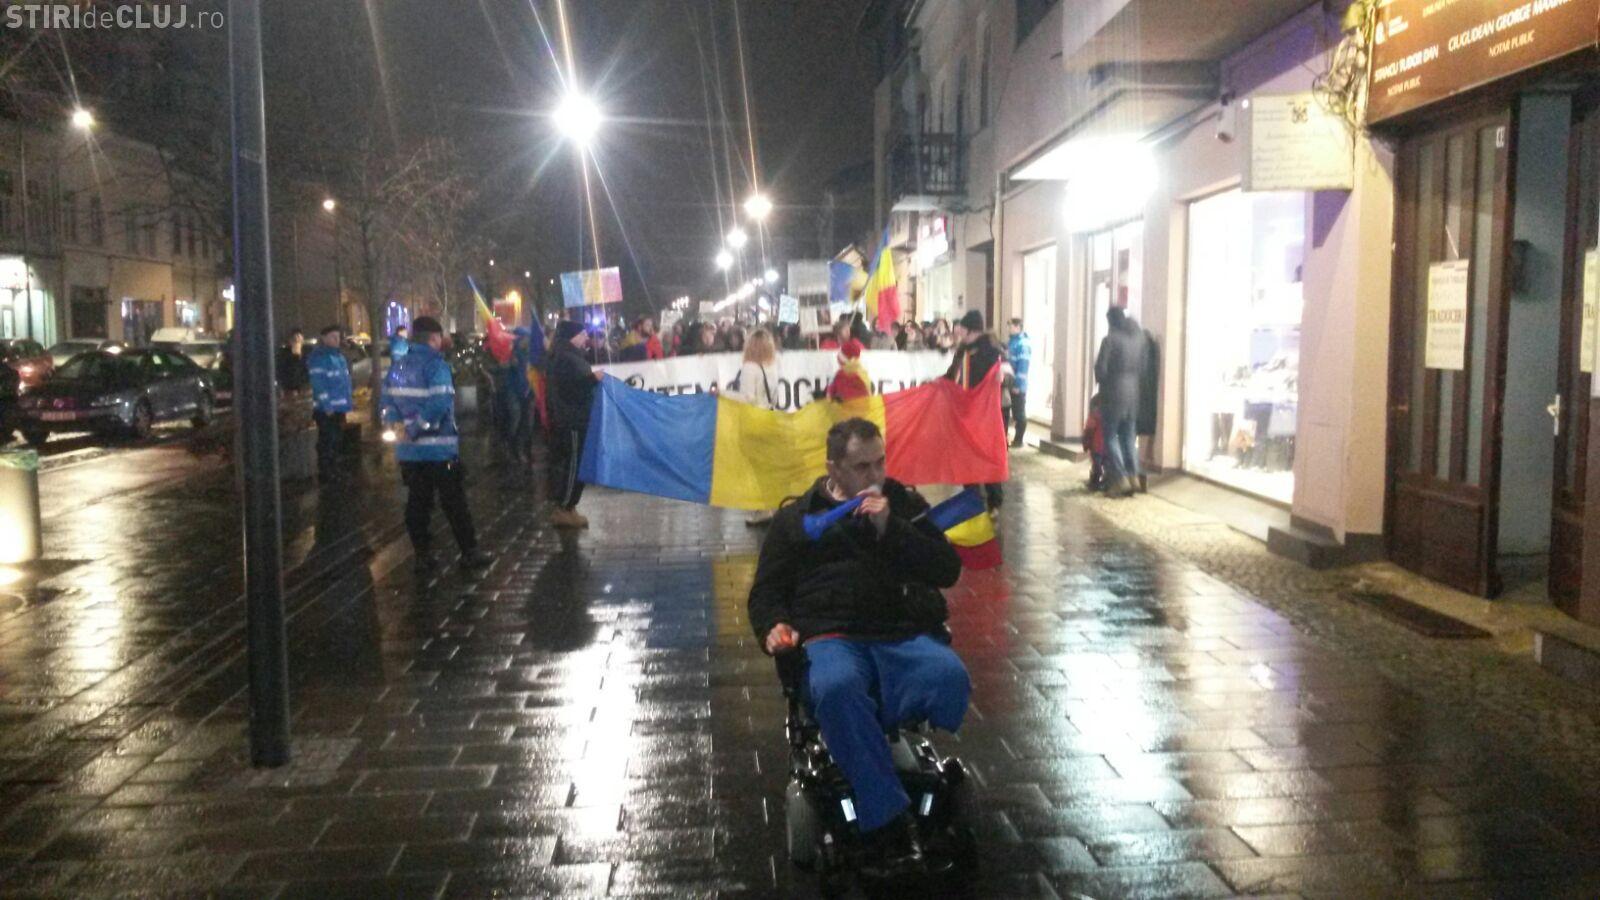 Clujenii protestează din nou. Peste 3.000 de persoane au ieșit în stradă FOTO/VIDEO